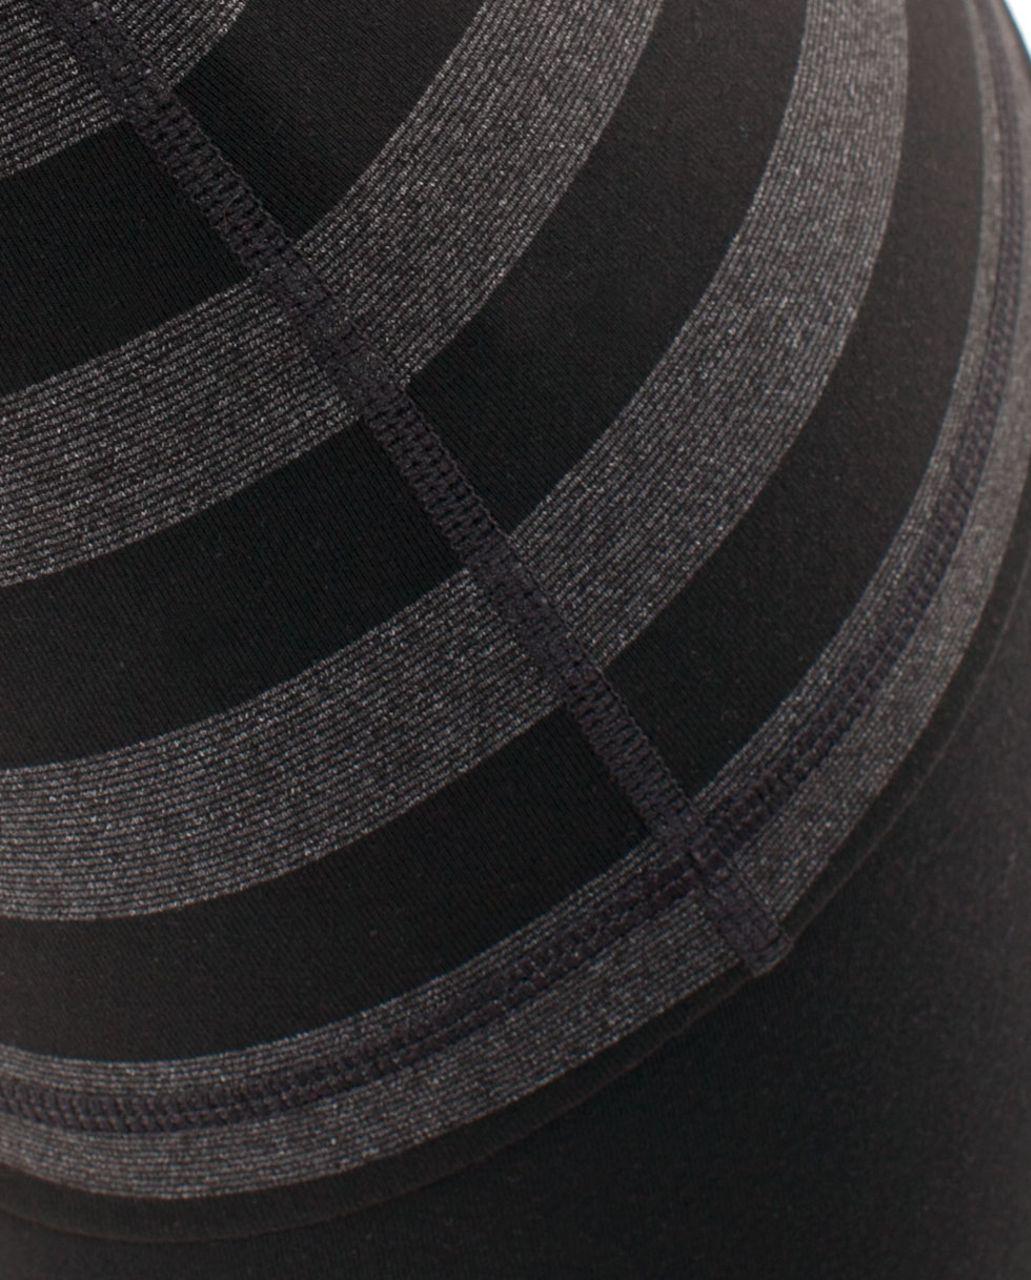 Lululemon Power Y Tank - Black Black Micro Macro Stripe